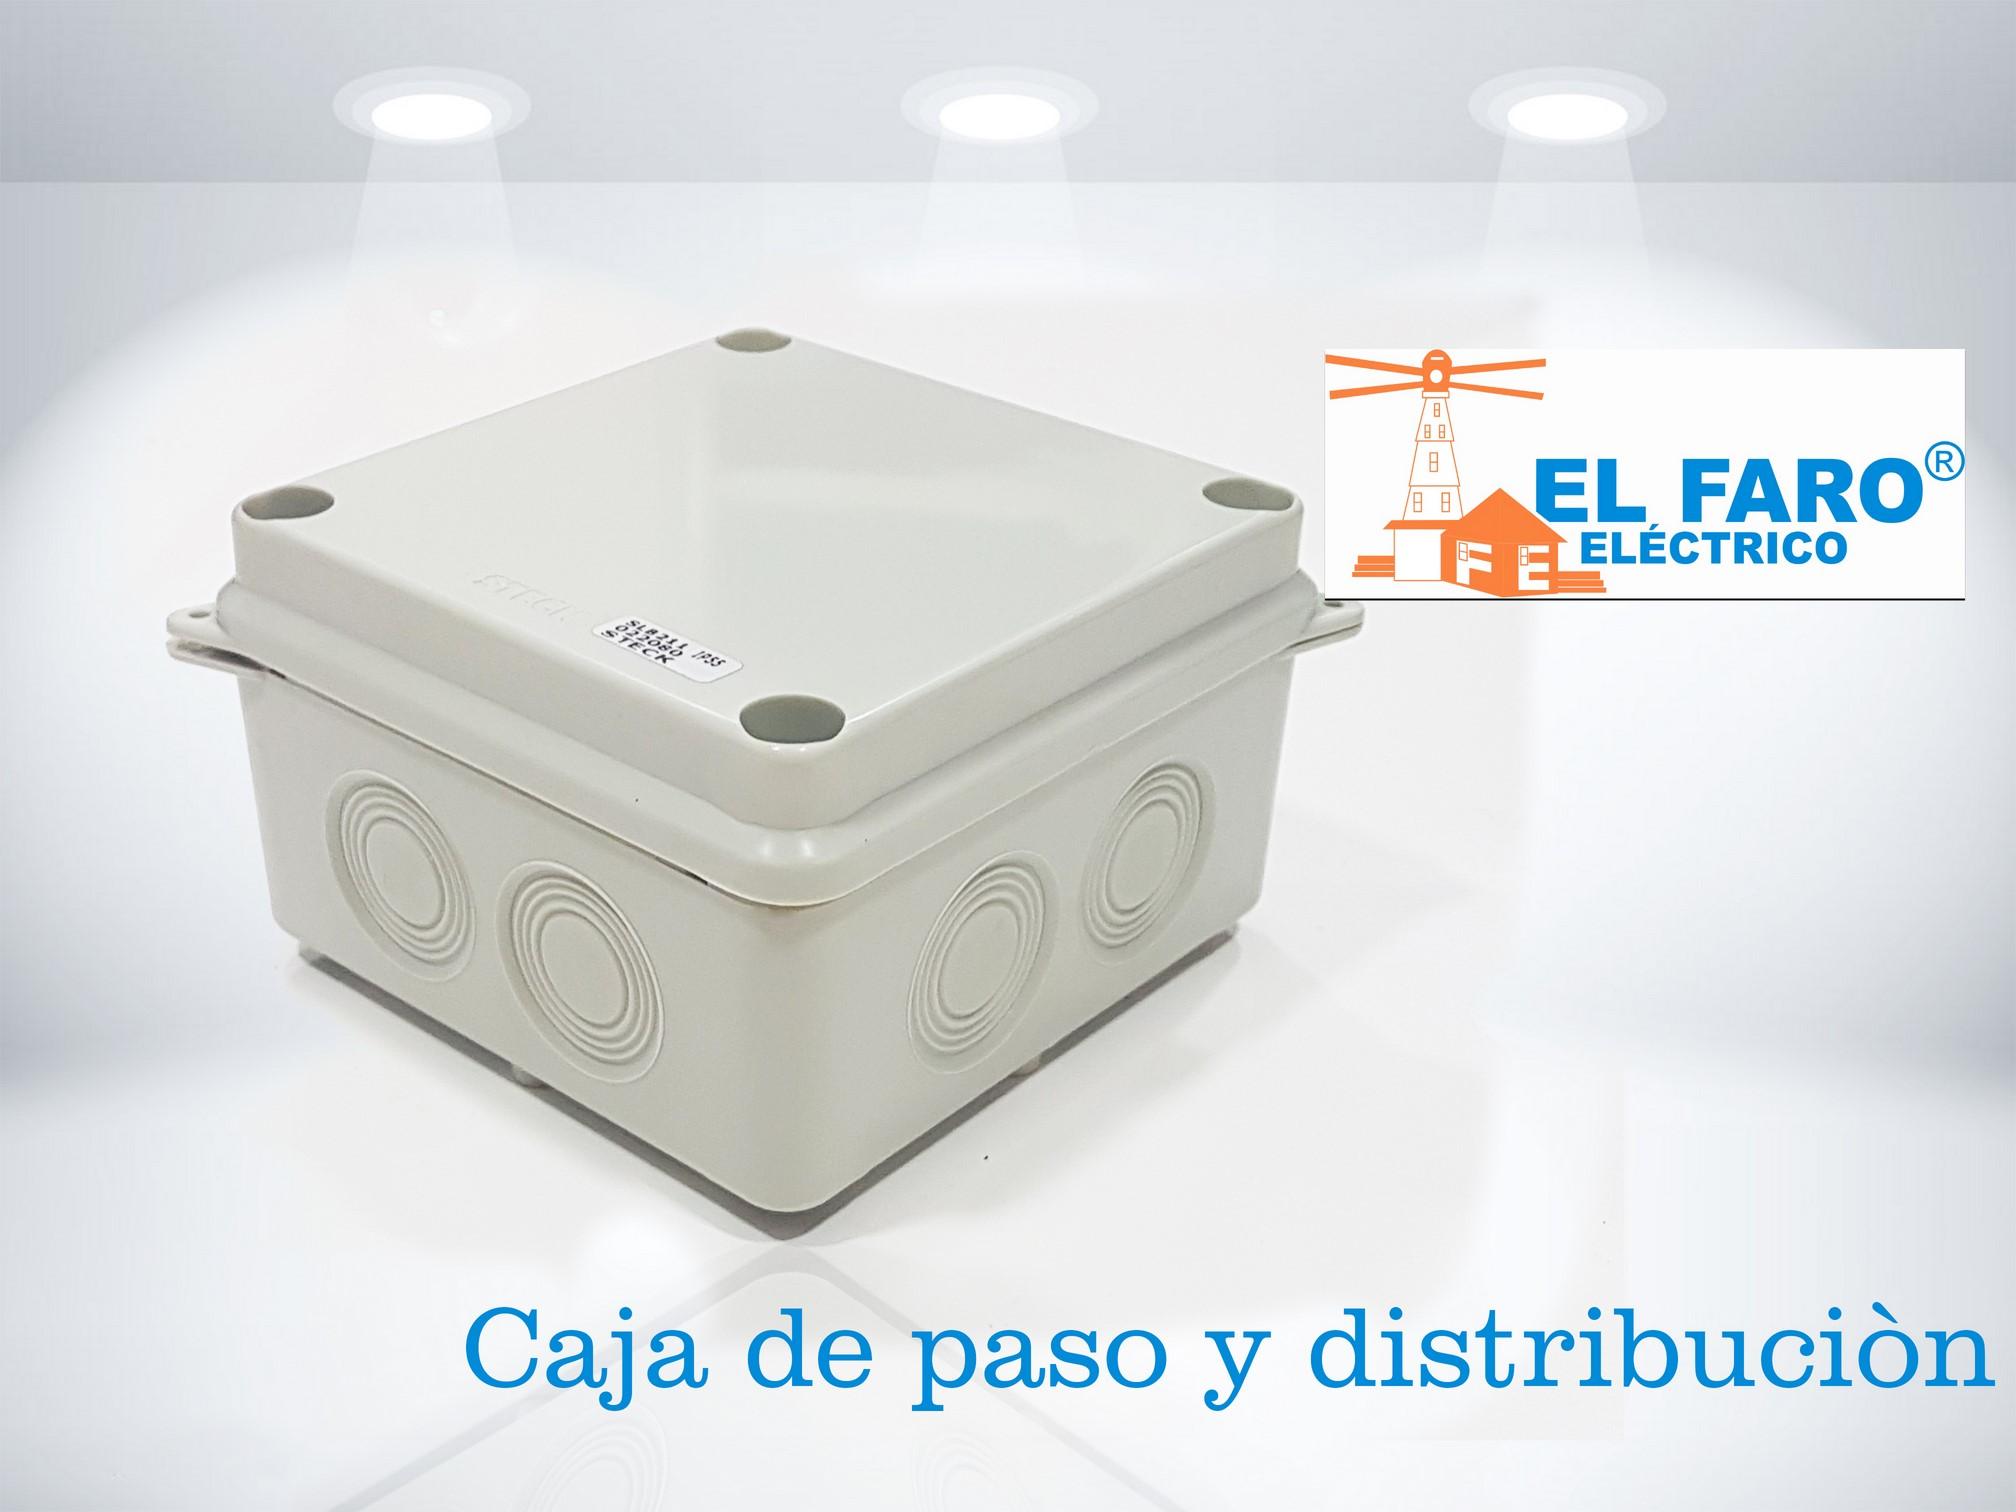 Caja de paso y distribución